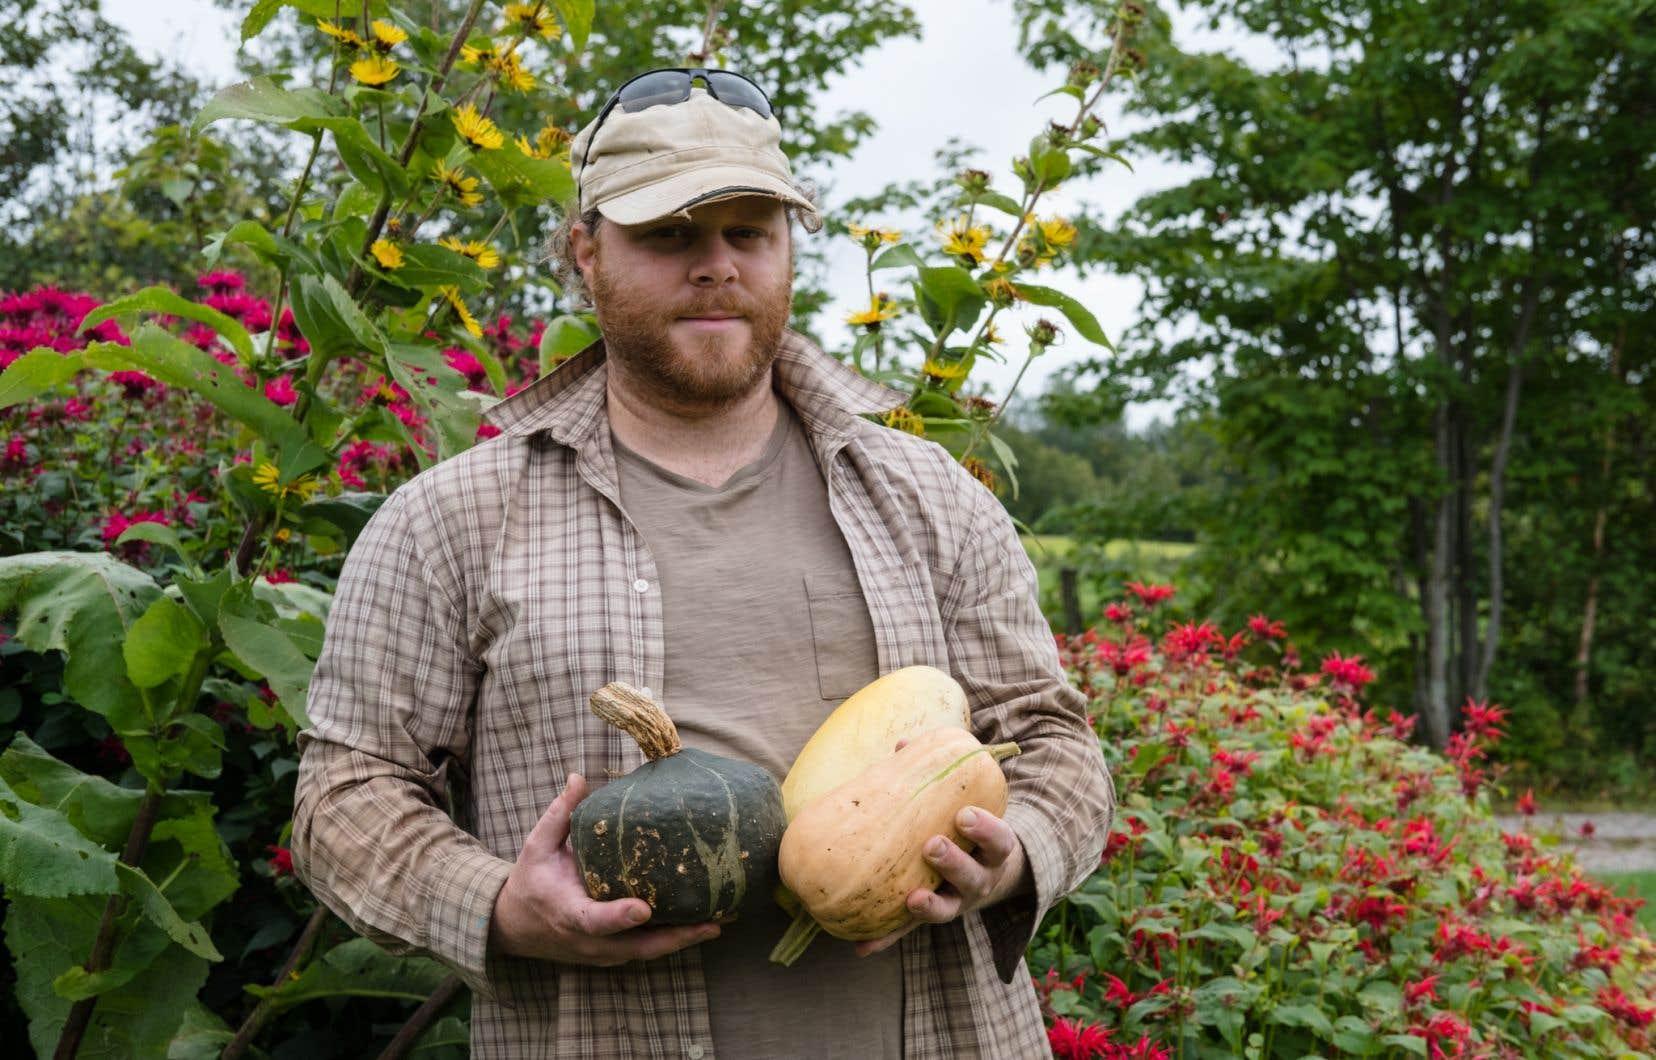 «Les noix représentent 15% des revenus de l'entreprise», explique Alexandre Guérin, qui récolte lui-même trois tonnes de fruits à coque chaque année.